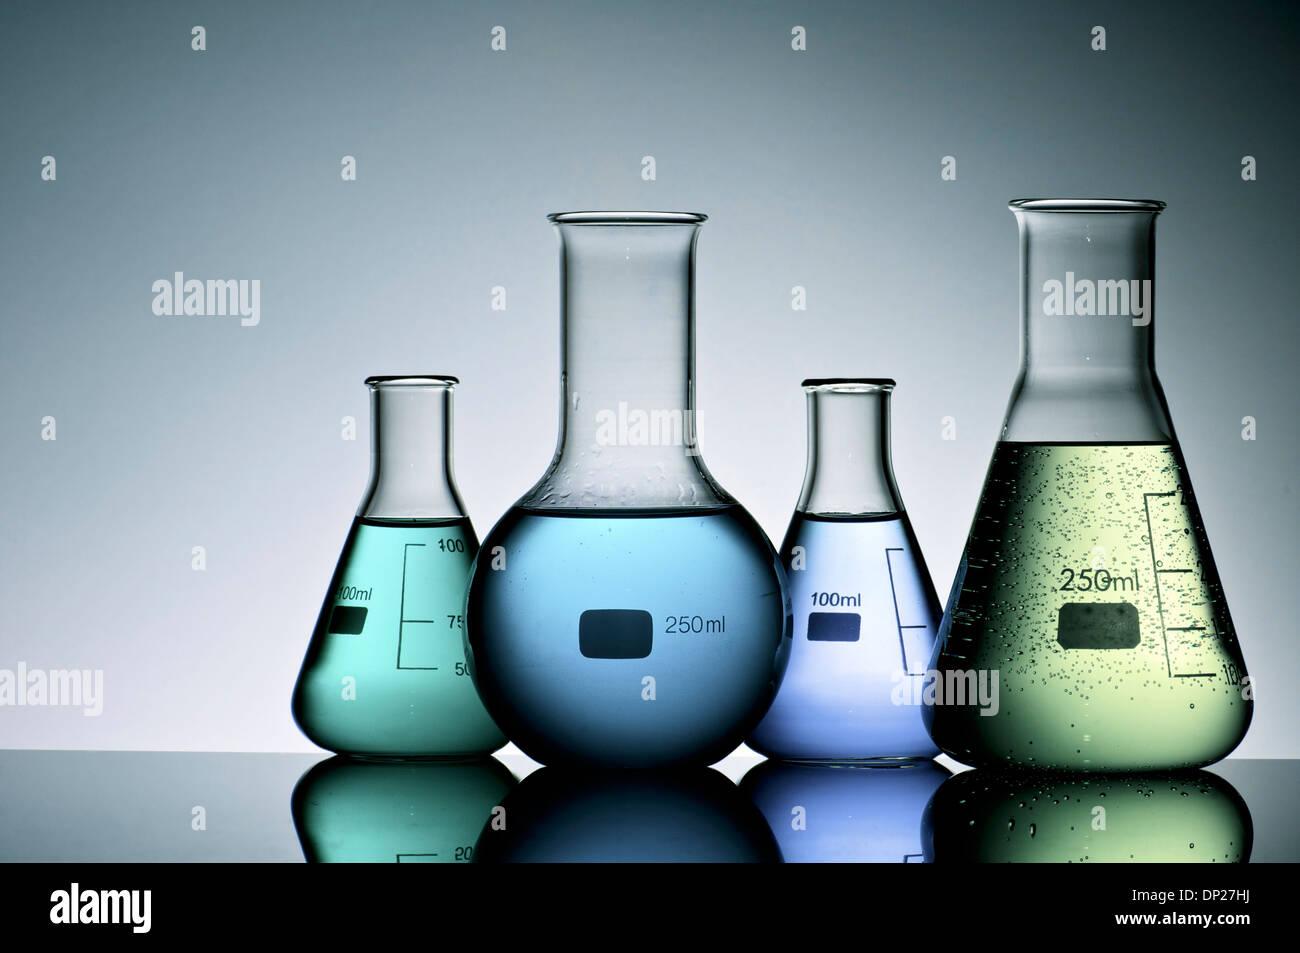 Gruppe von Labor-Flaschen mit Flüssigkeit im Inneren Stockbild